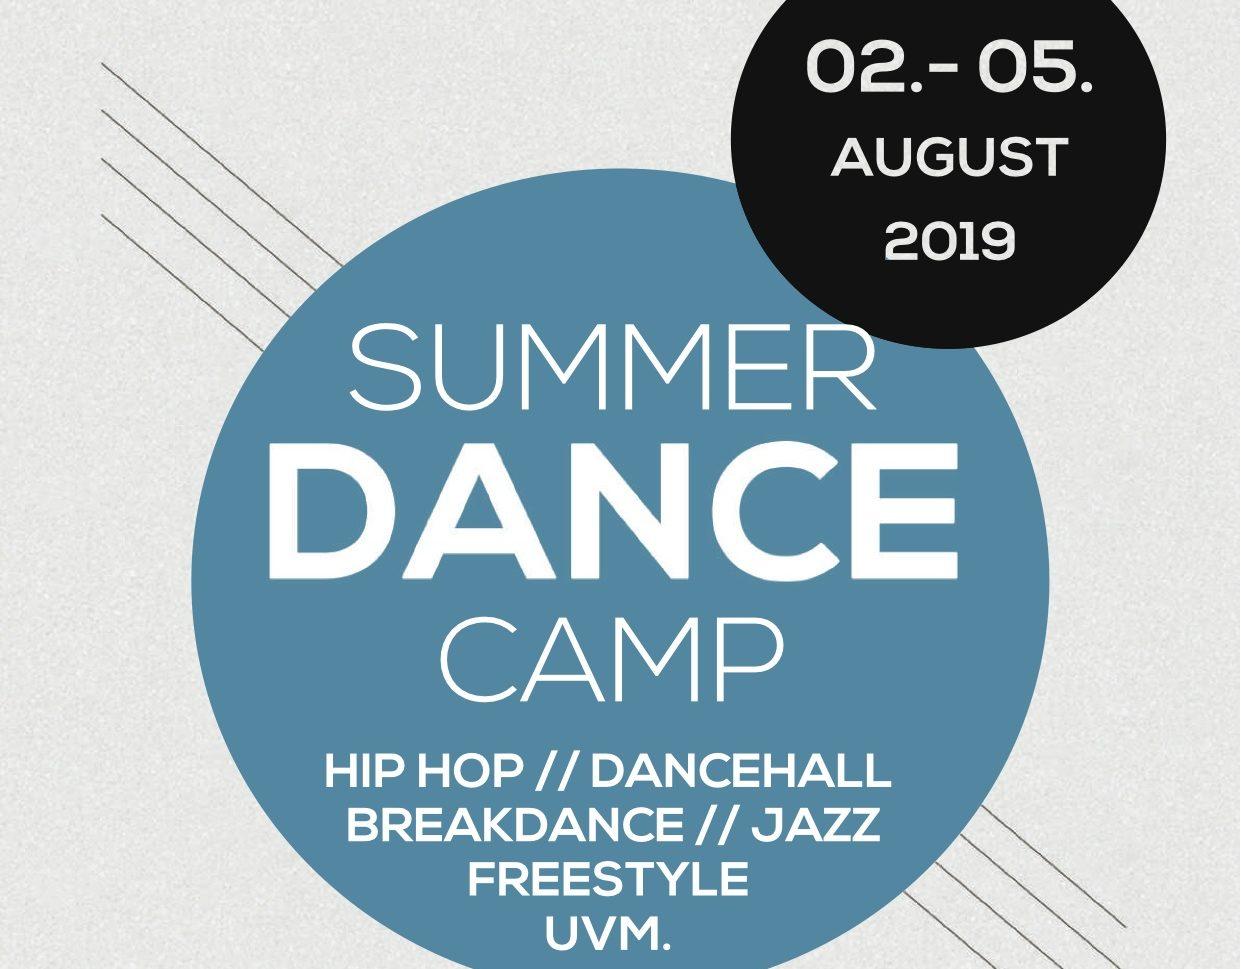 Summer Dance Camp | 2. -5. Aug. 19 | Fürstenfeld